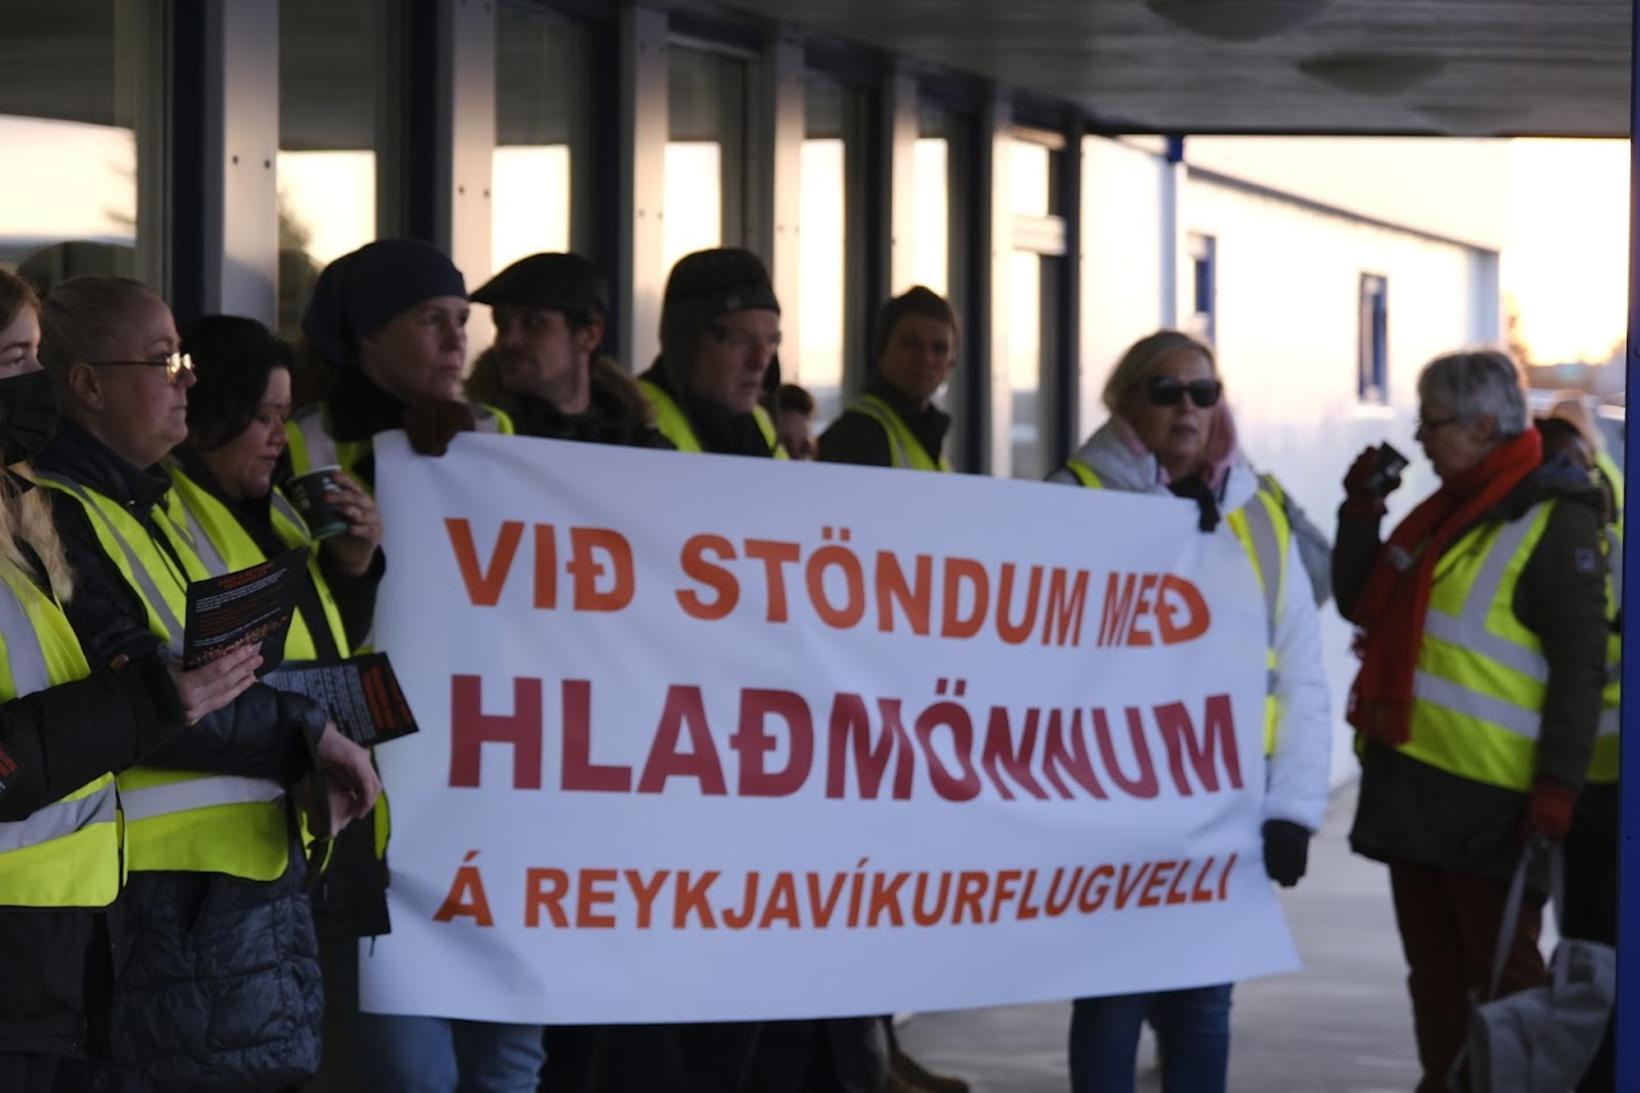 Eflingarfólk stendur með hlaðmönnum á Reykjavíkurflugvelli.